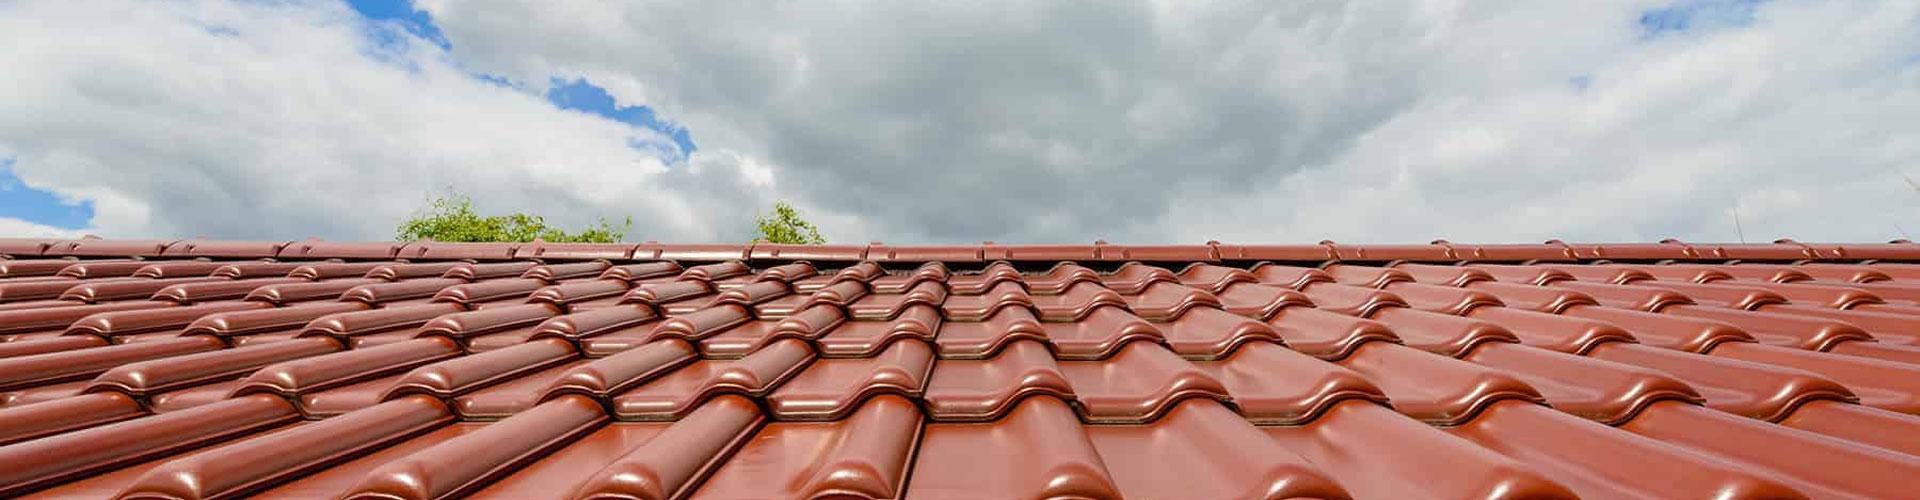 dachowka-ceramiczna-500